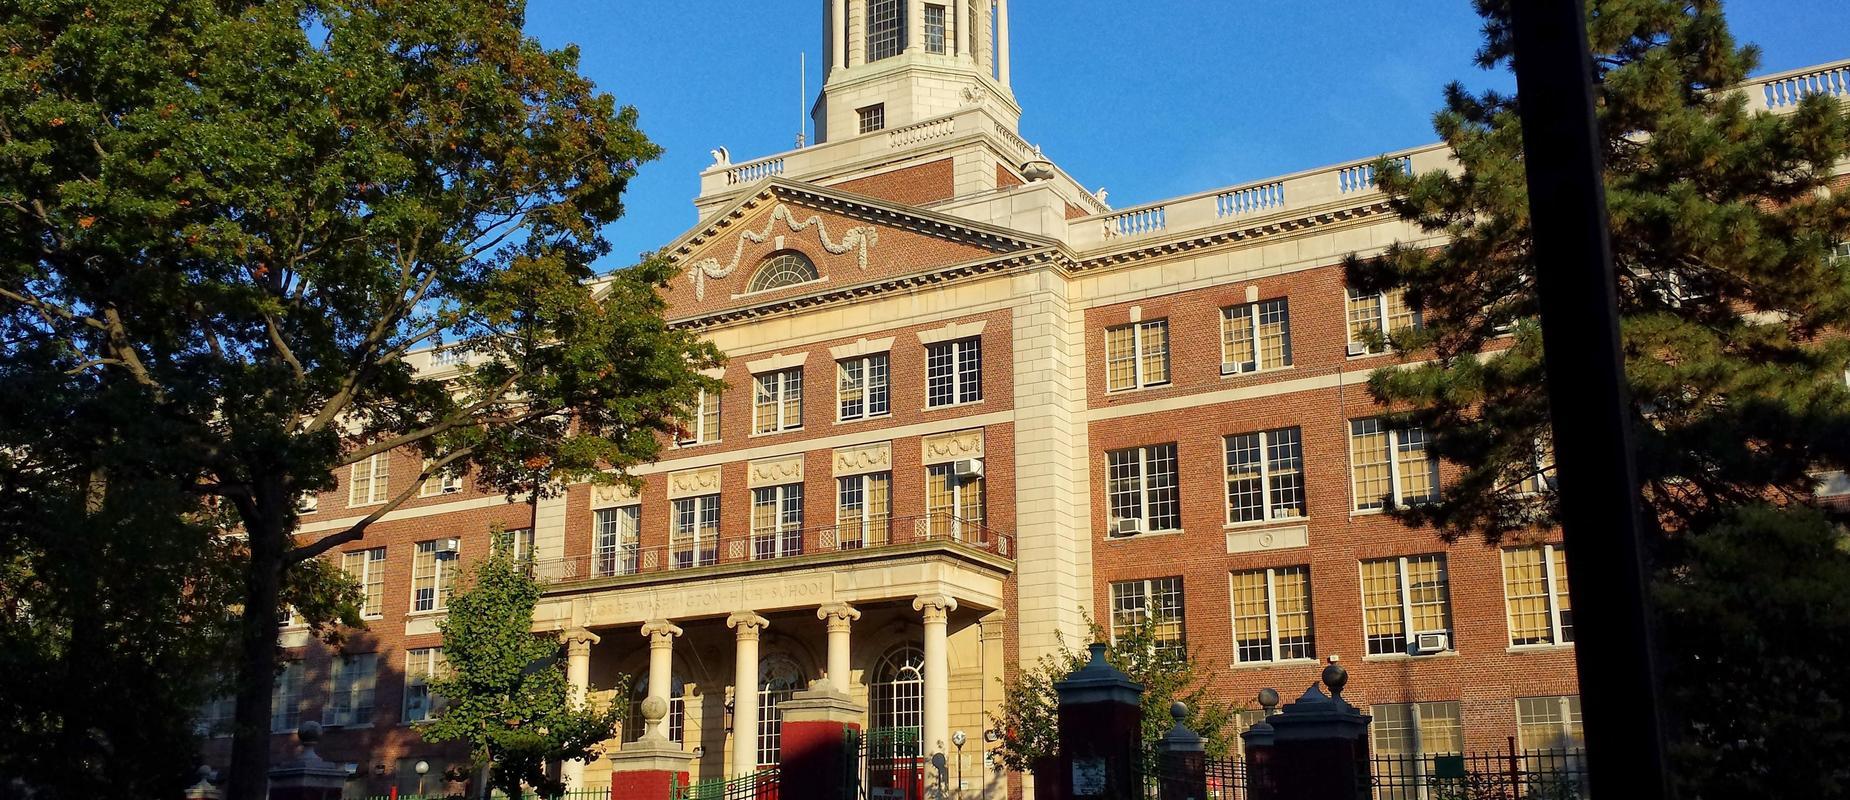 George Washington Educational Campus.